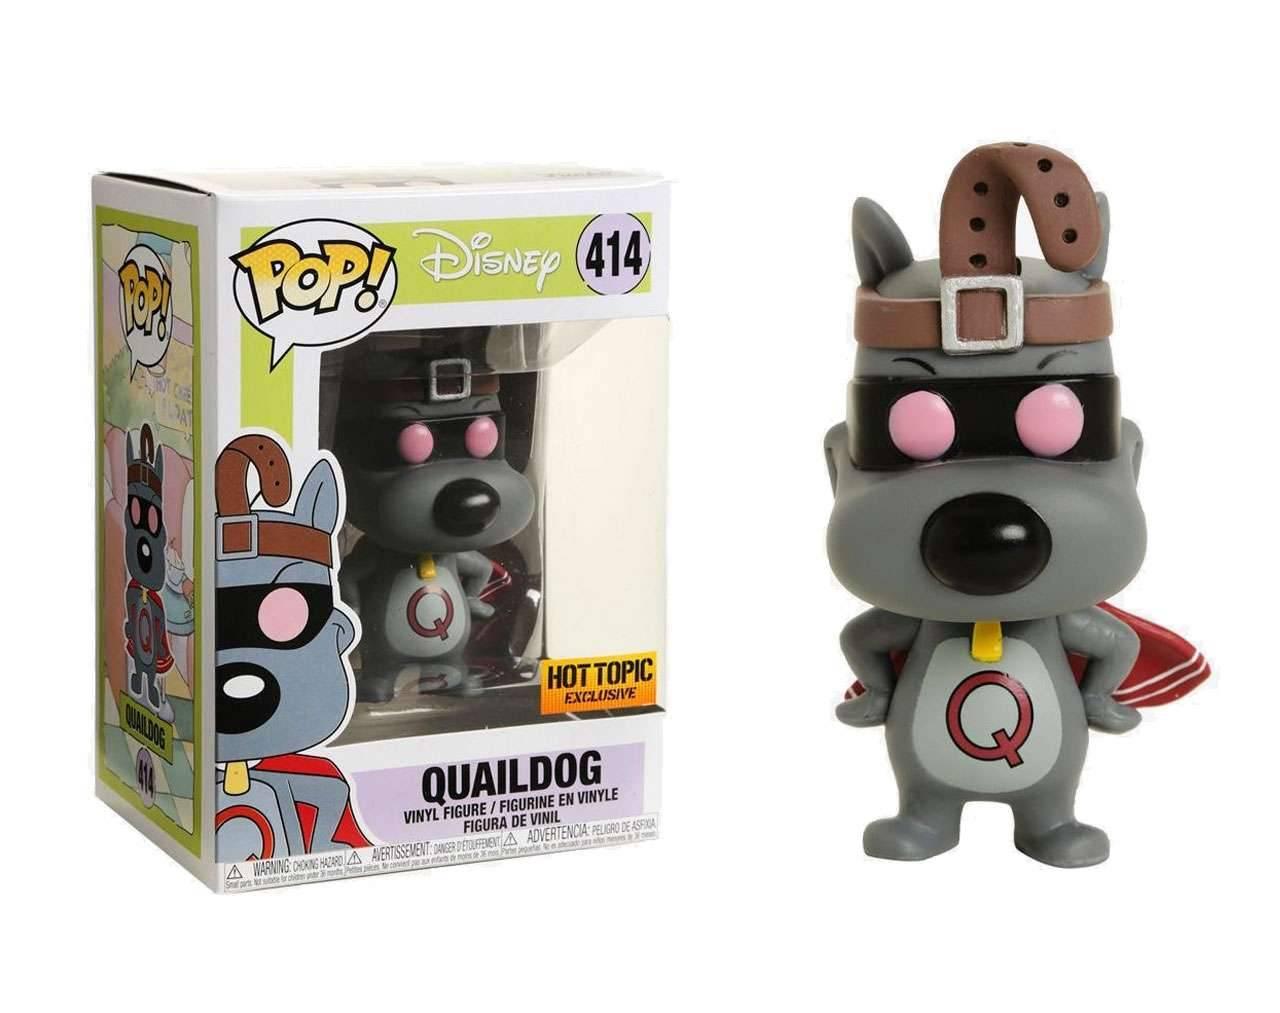 Quaildog (Exclusive) Pop! Vinyl